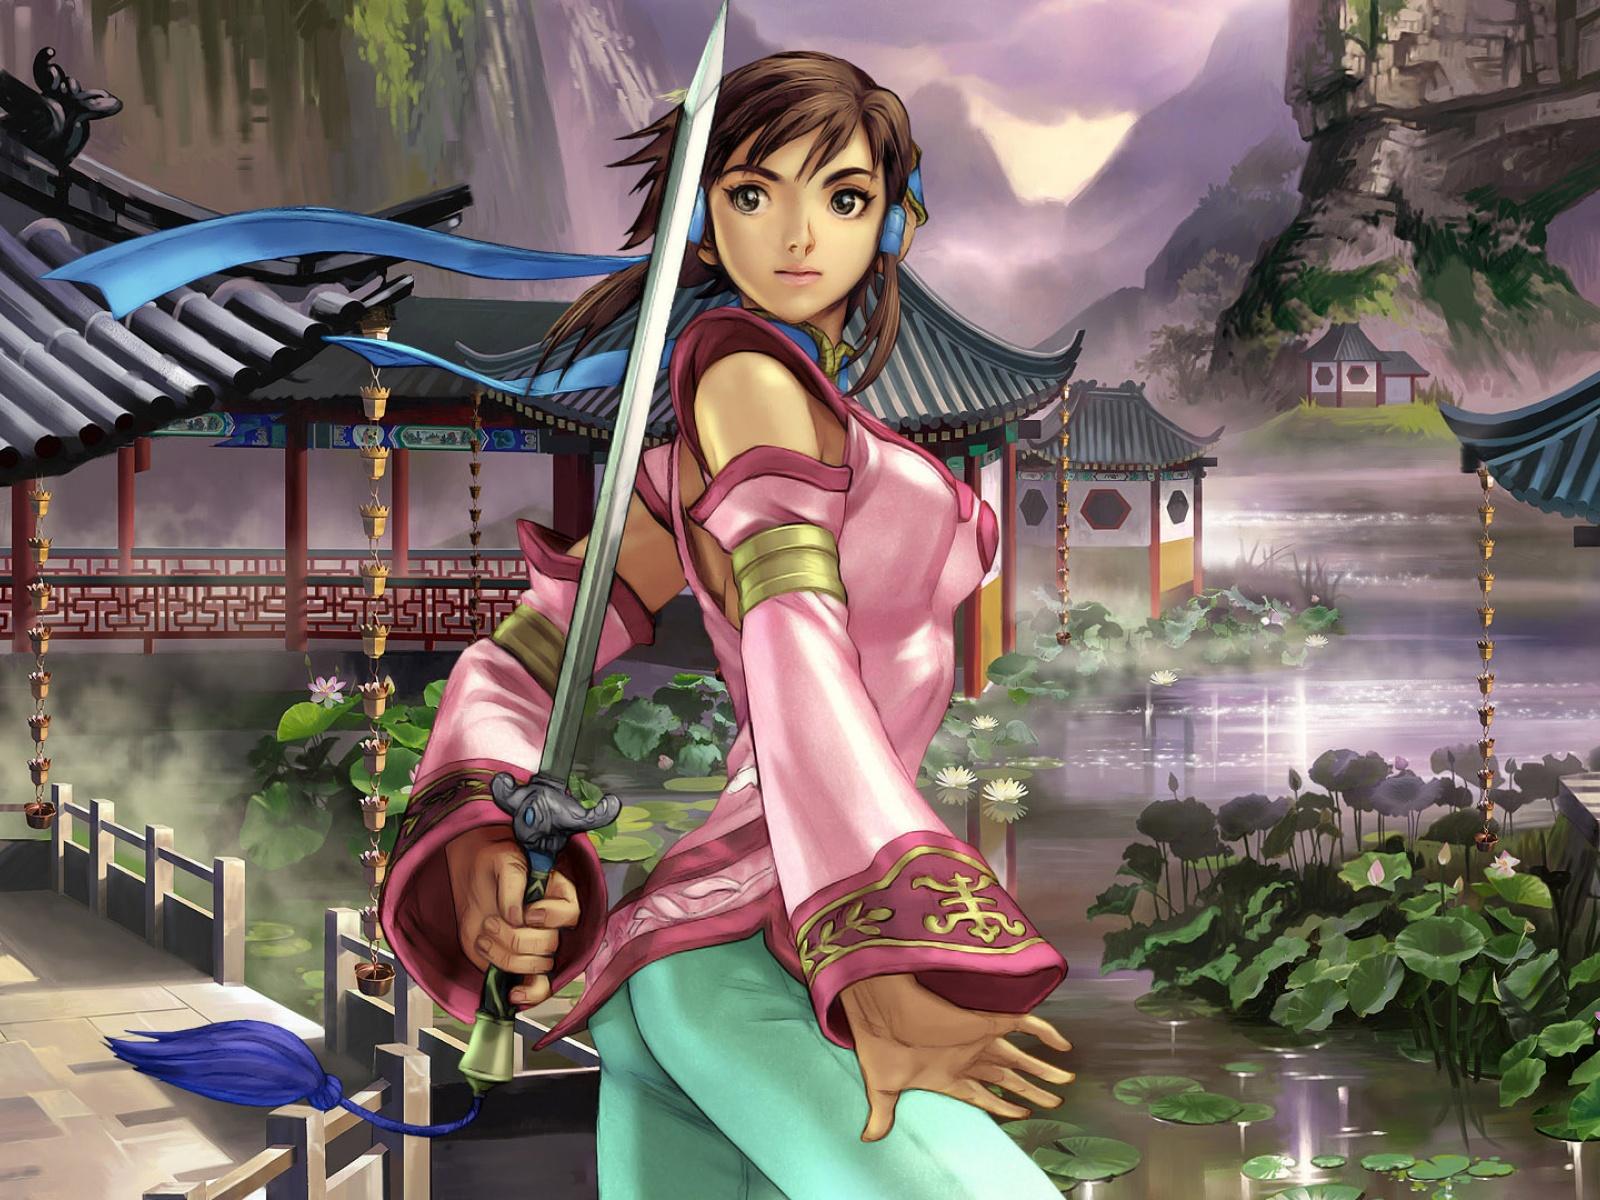 Les fonds écrans (Filles) - Page 2 4894-femme-samourai-WallFizz